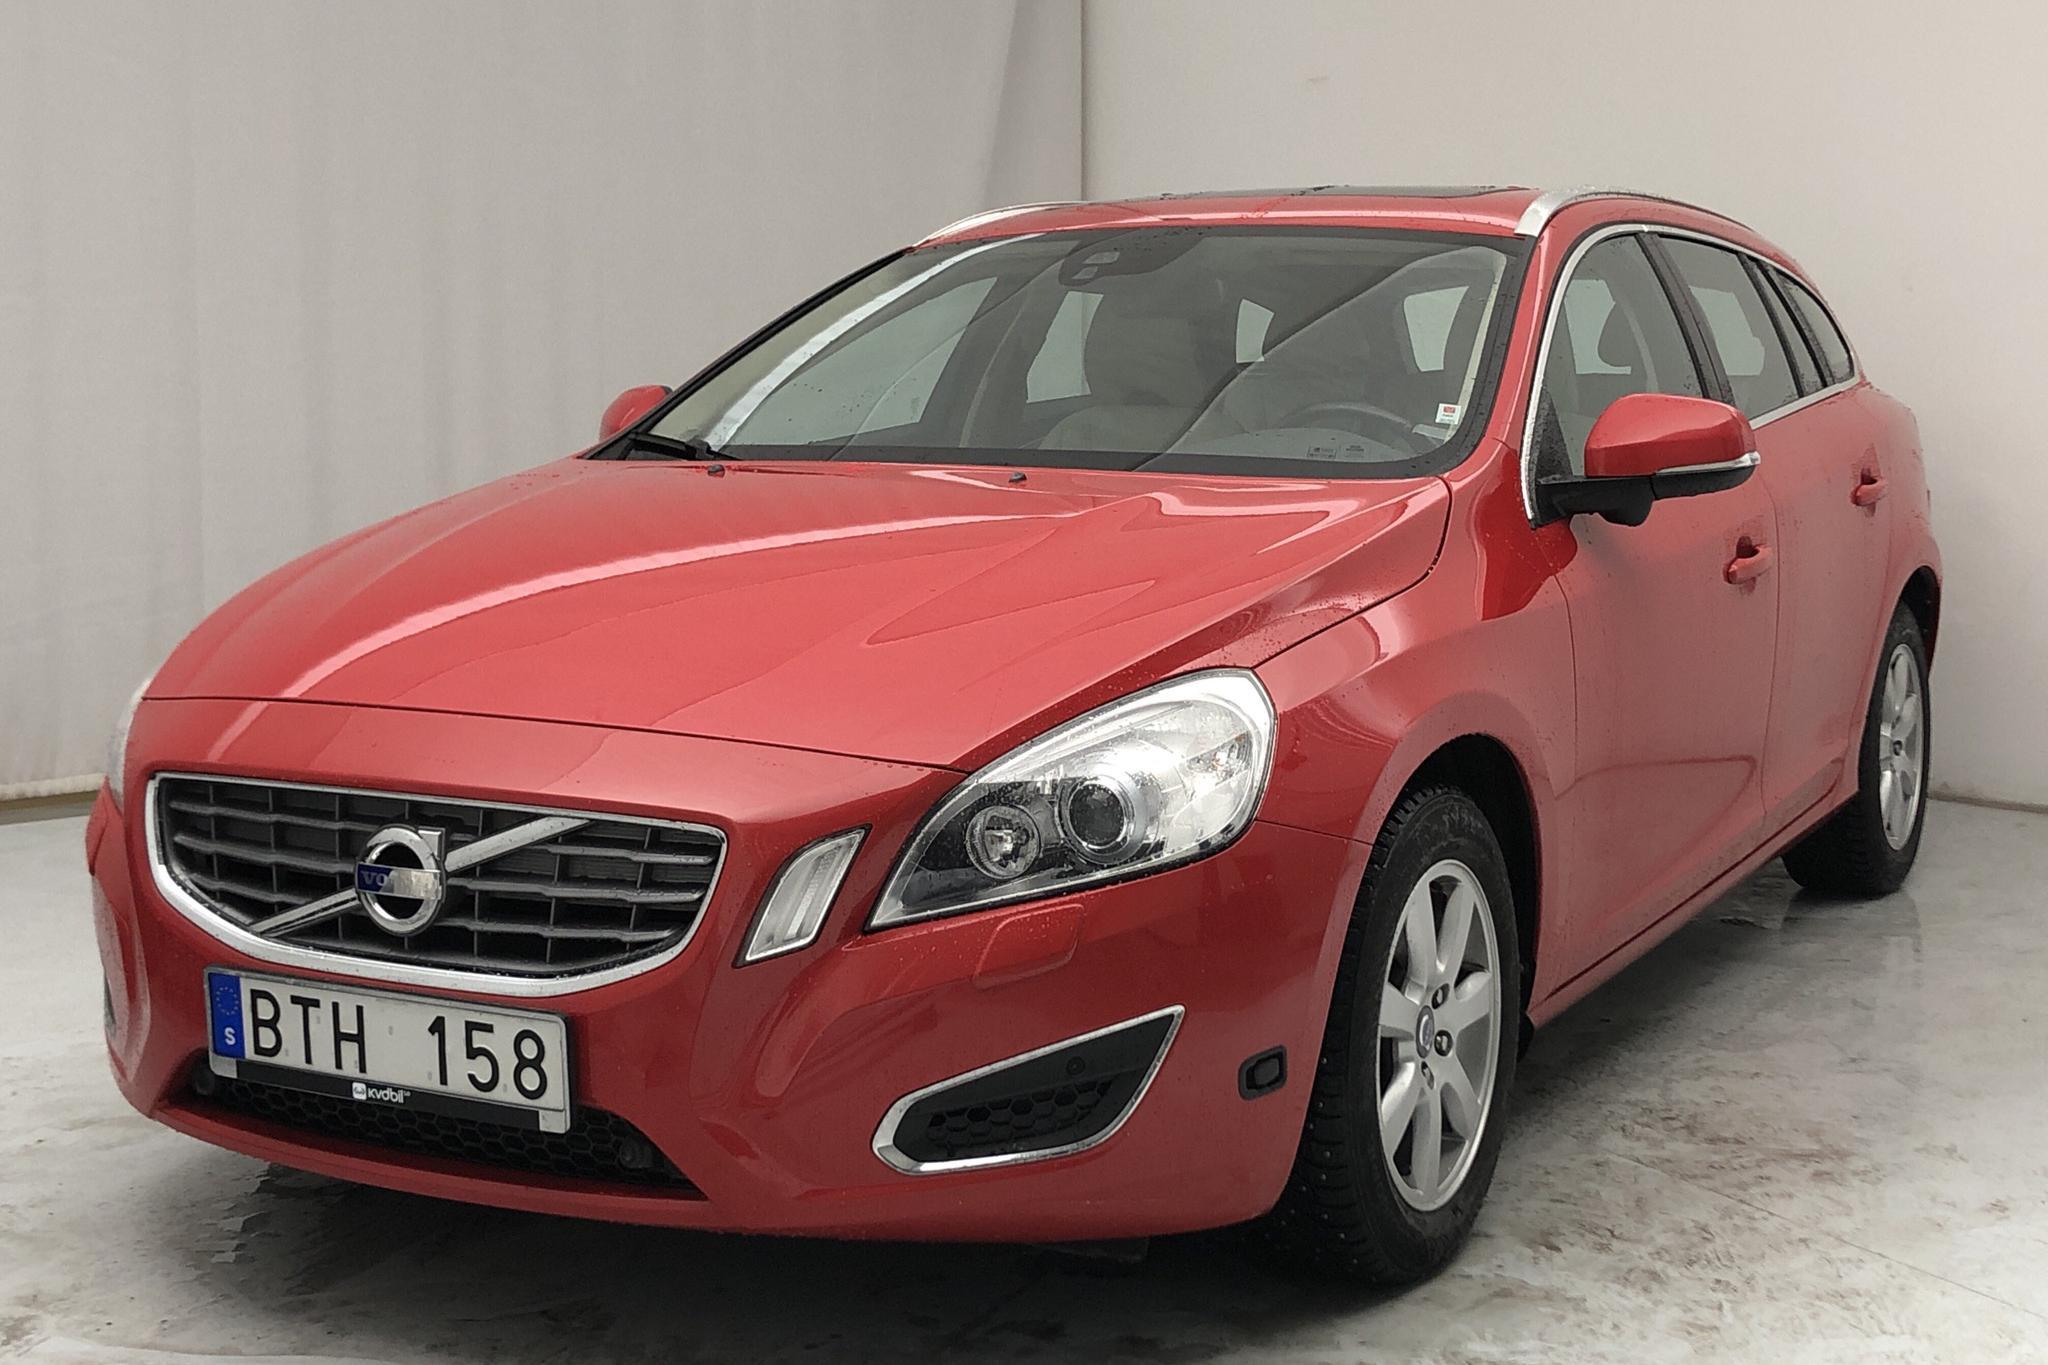 Volvo V60 D2 (115hk) - 87 780 km - Manual - red - 2013